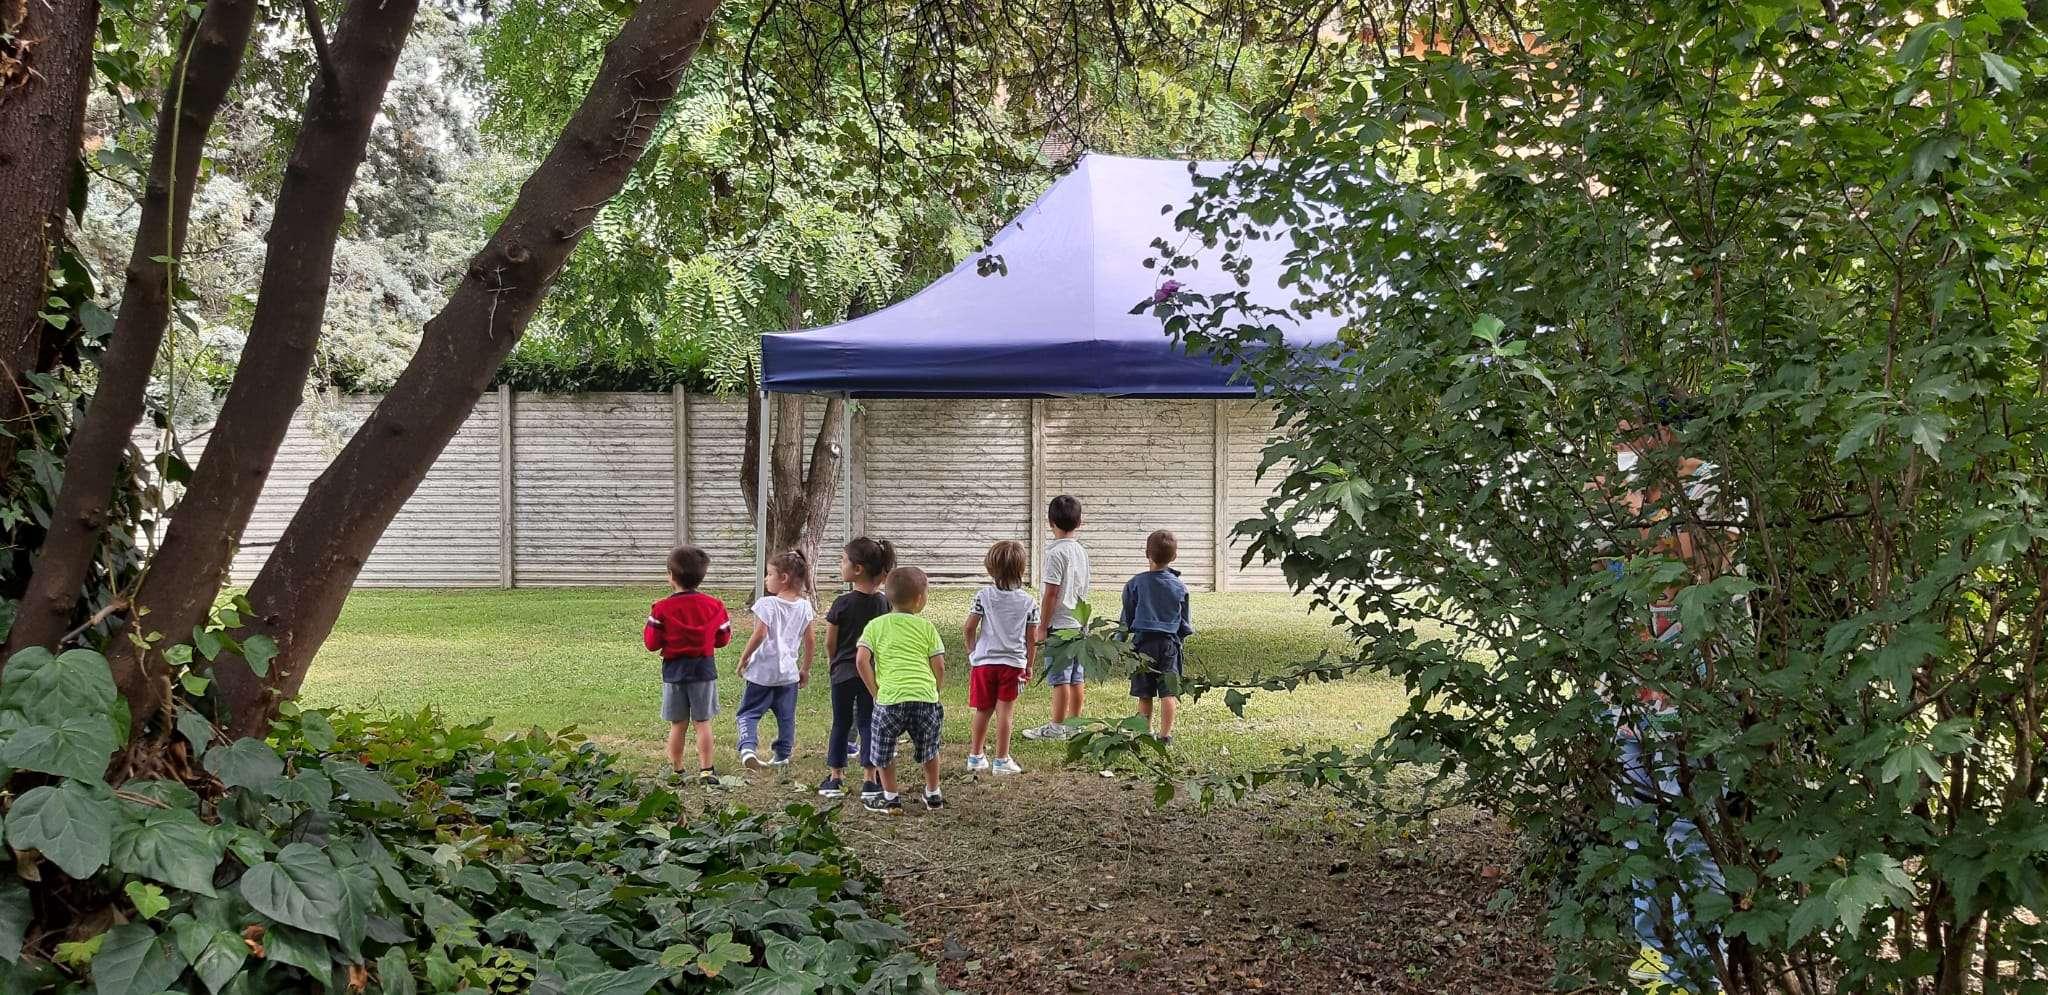 primo giorno scuola 20208 - Scuola Materna Peschiera Borromeo